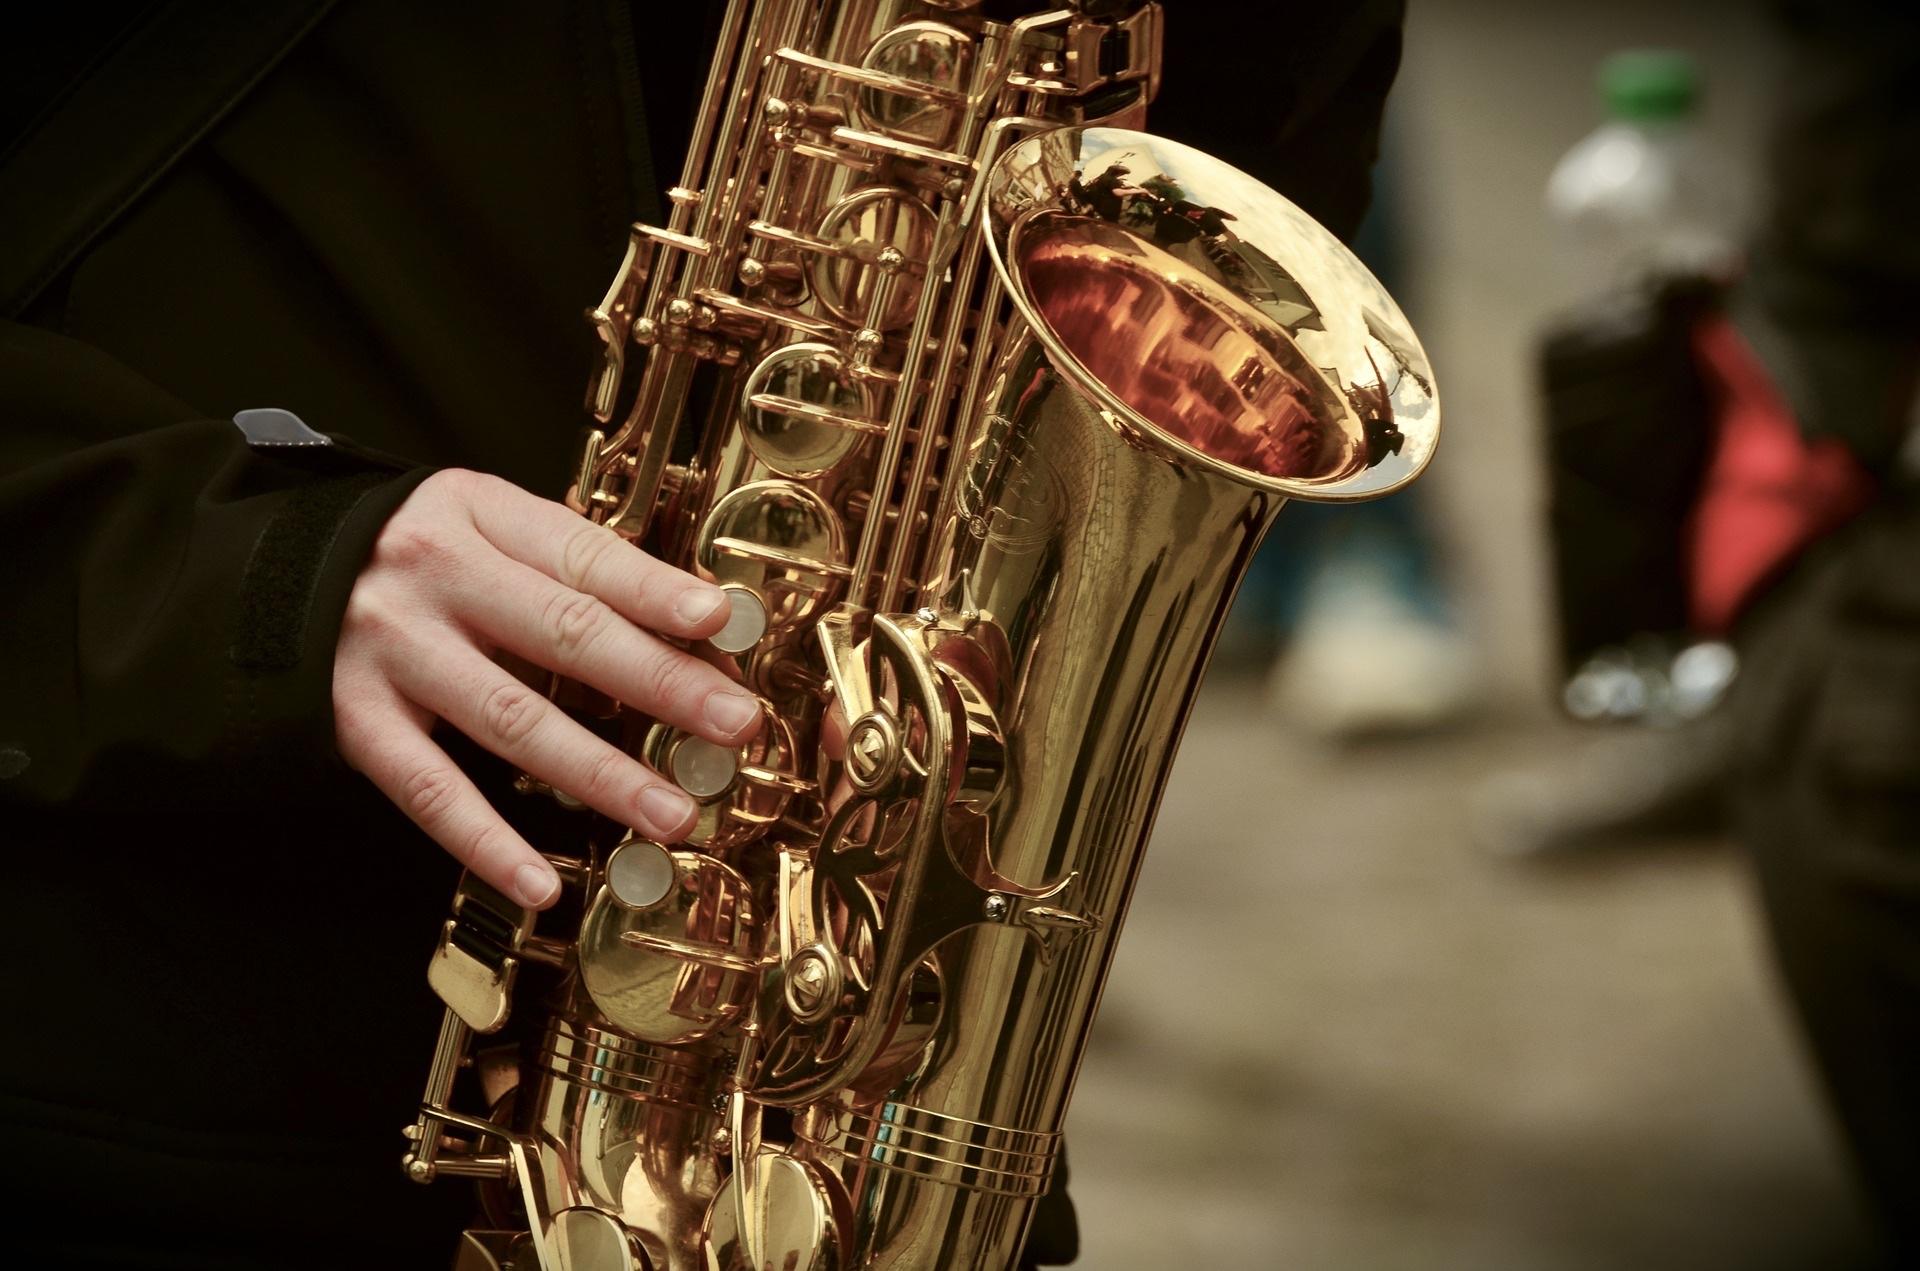 saxophone-3246650_1920_congerdesign